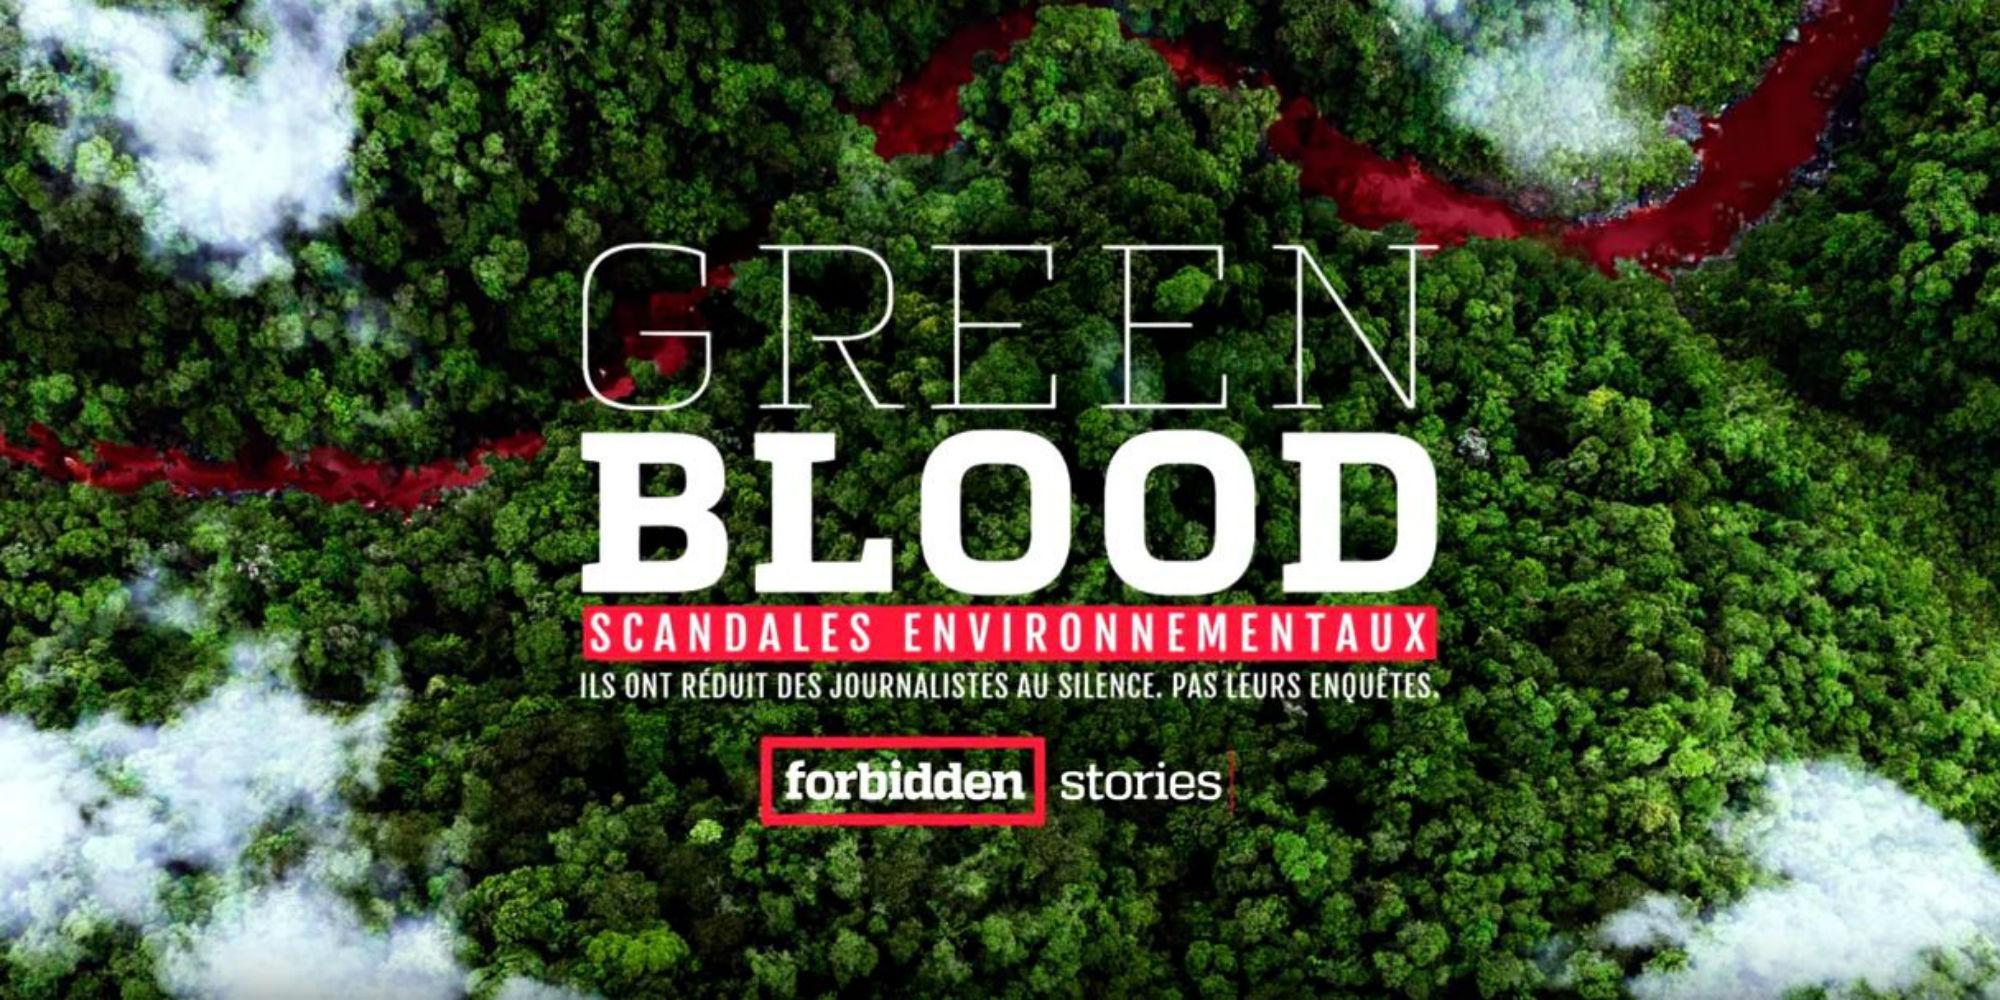 Green Blood, la série documentaire qui lève le voile sur les crimes de l'industrie minière